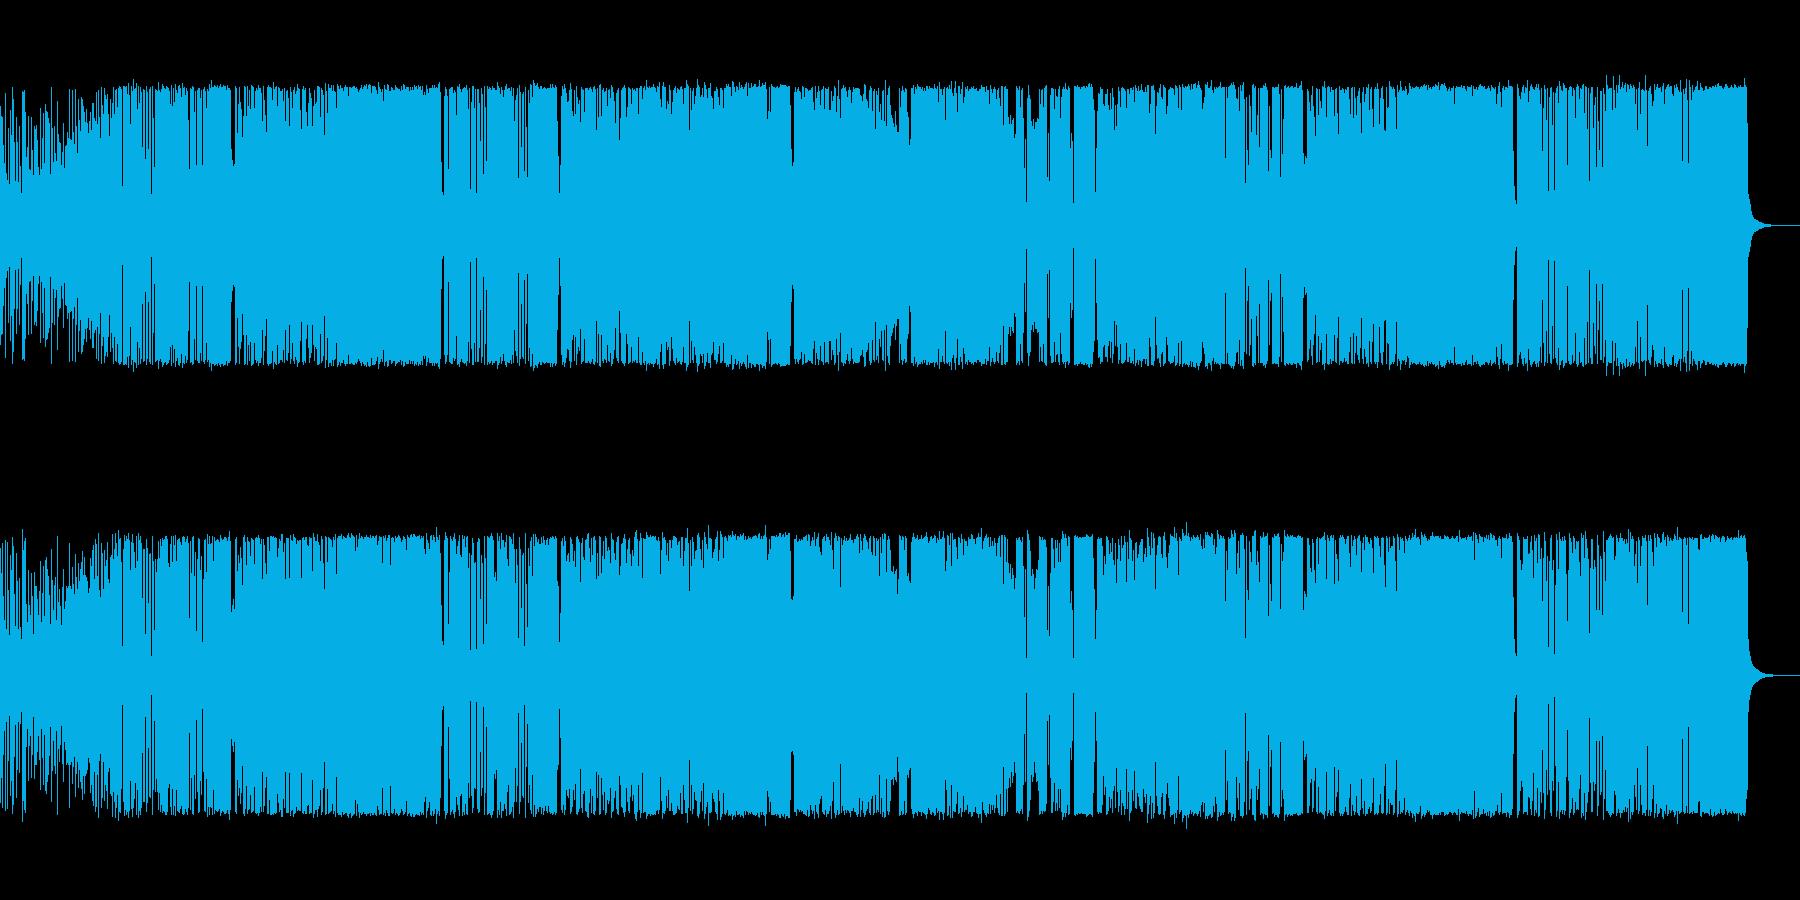 SAKEROCK風マリンバ&TBさわやかの再生済みの波形